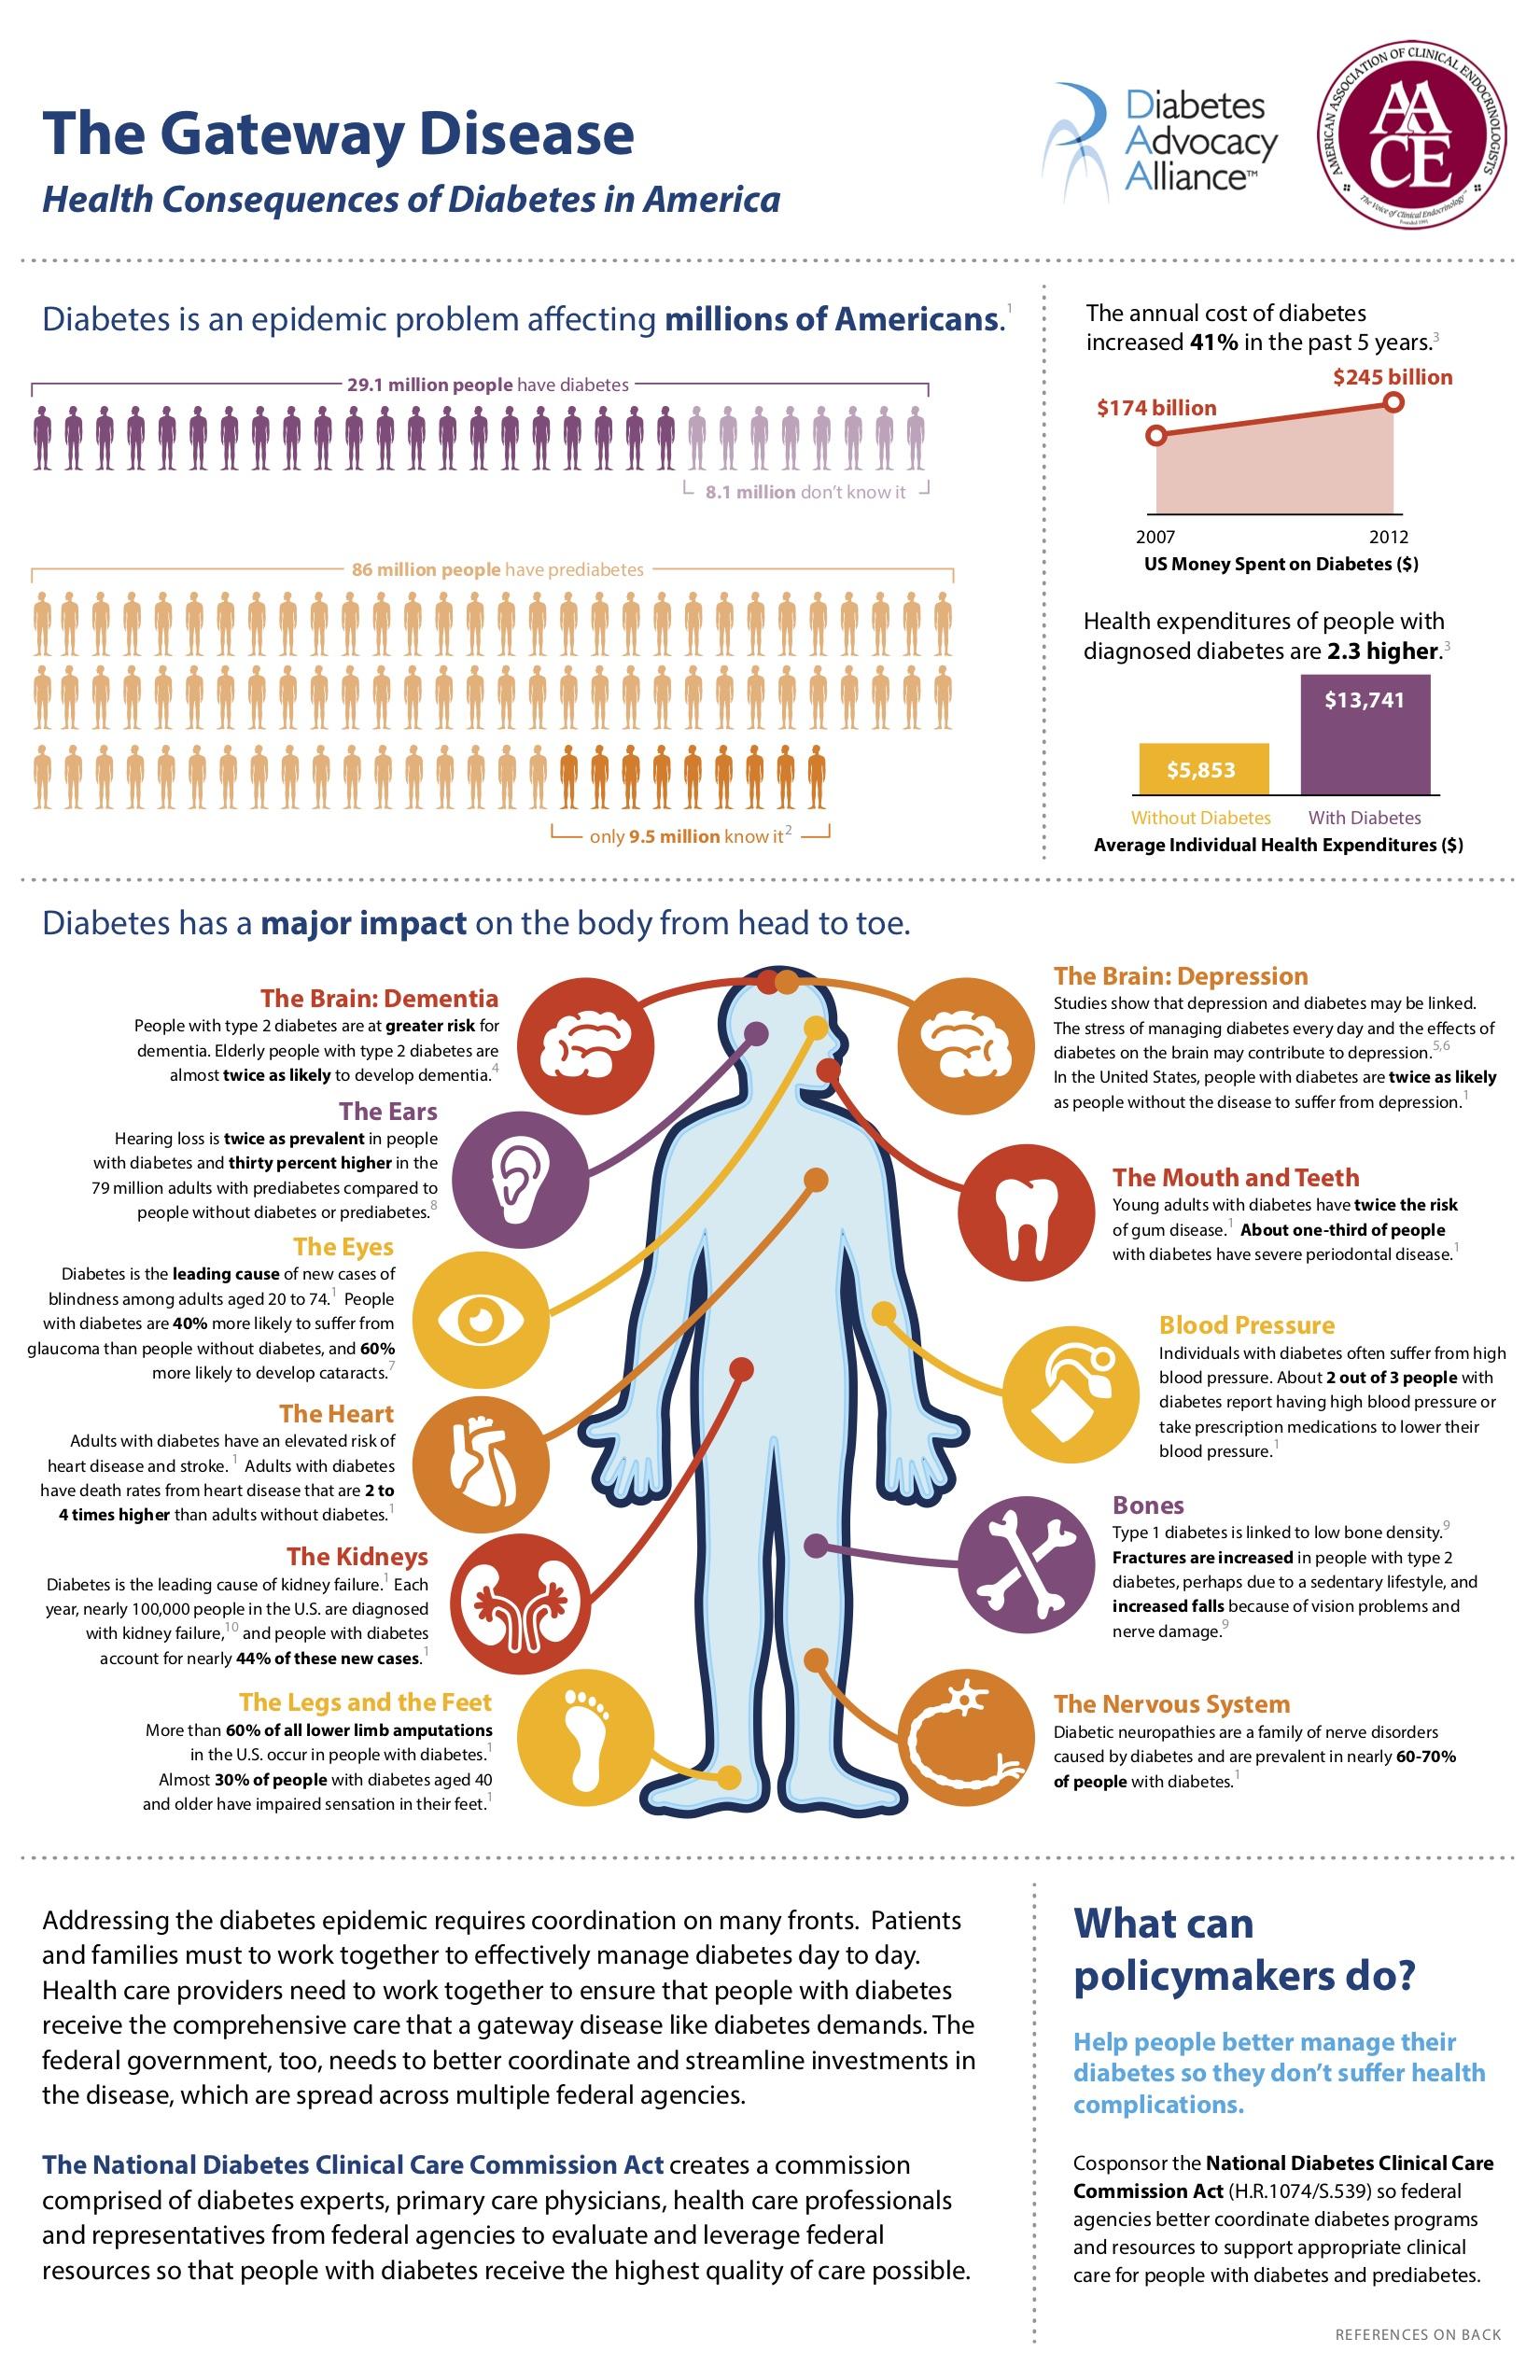 Diabetes: The Gateway Disease